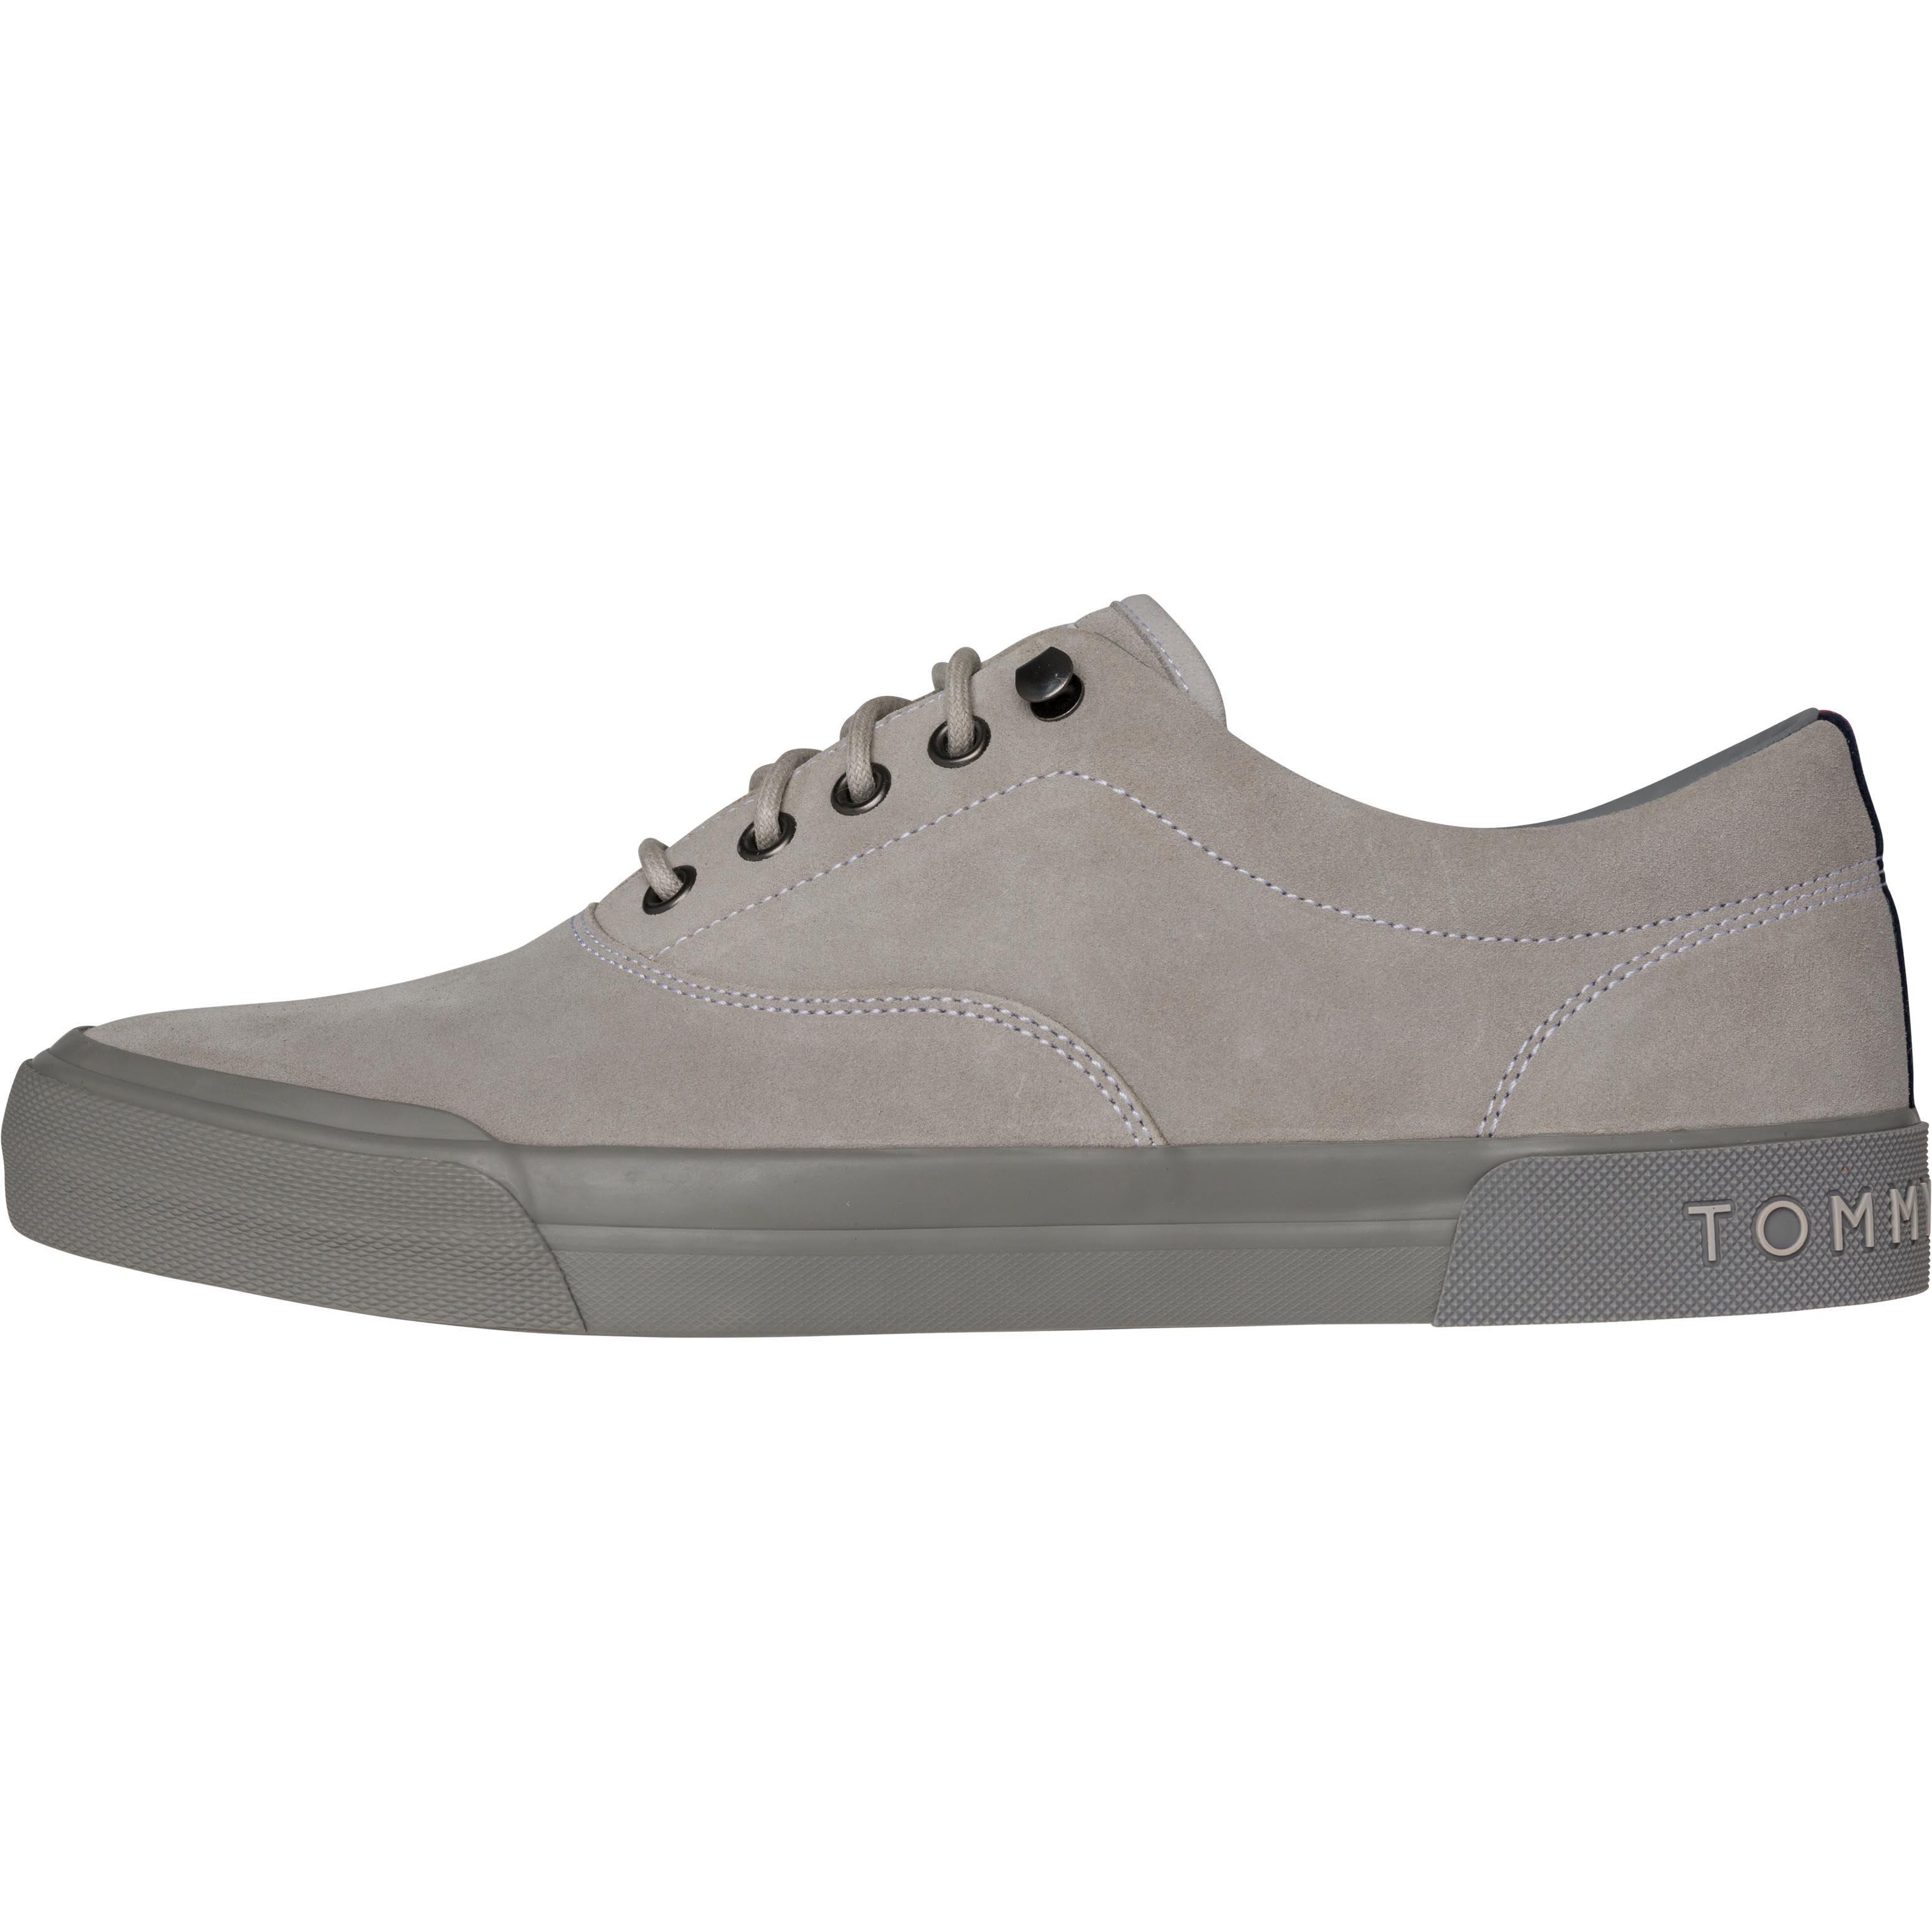 Tommy Hilfiger Sneaker Y2285ARMOUTH 1B kaufen  DIAMOND GREY